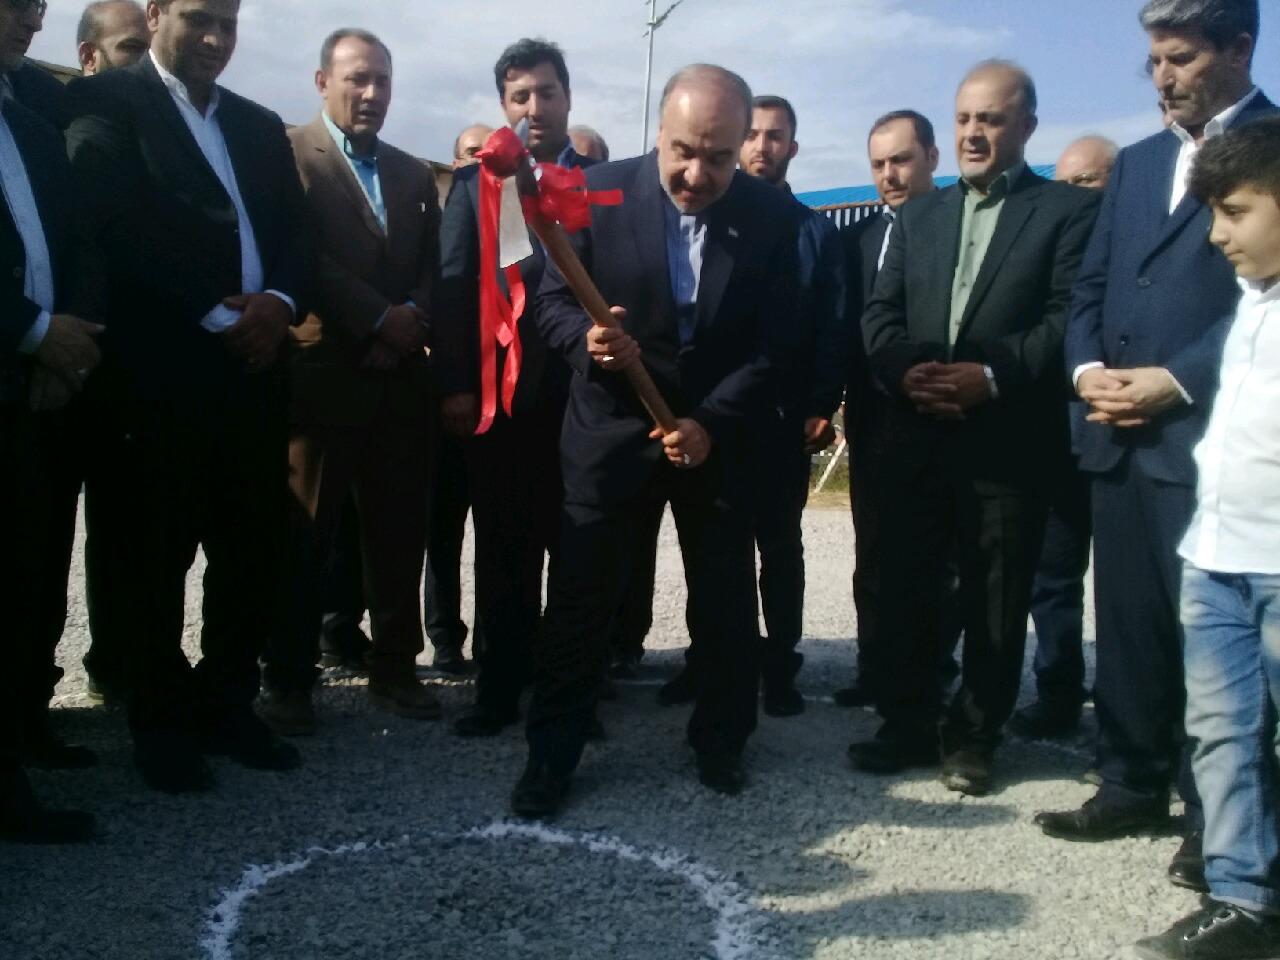 کلنگ احداث خانه جودو استان به زمین زده شد